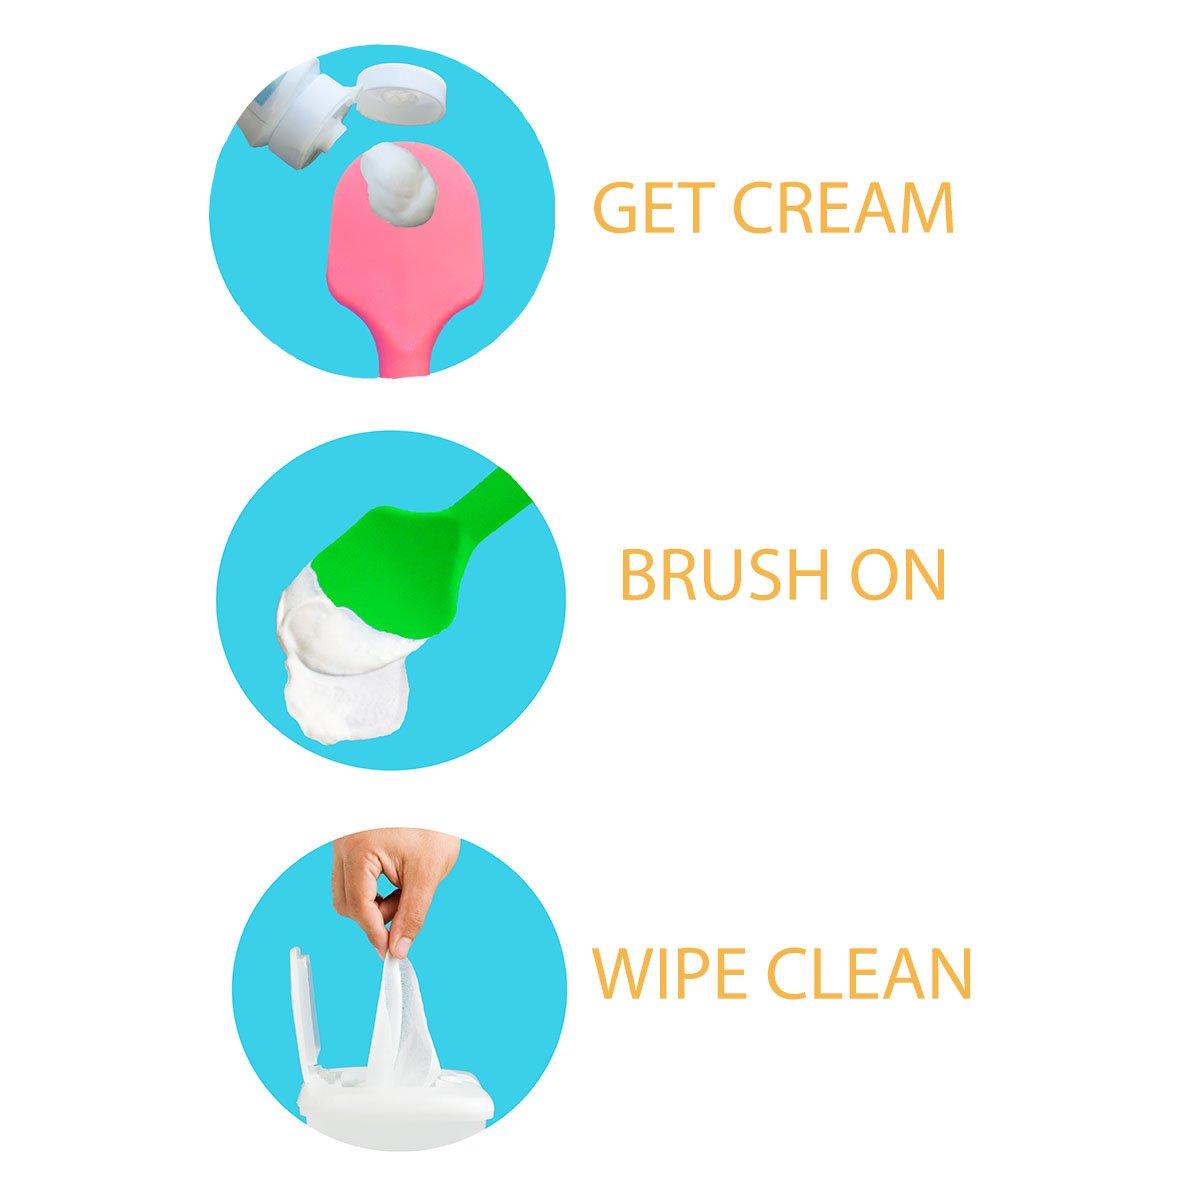 Pink BabyBum Diaper Cream Brush Soft Silicone Diaper Cream Applicator